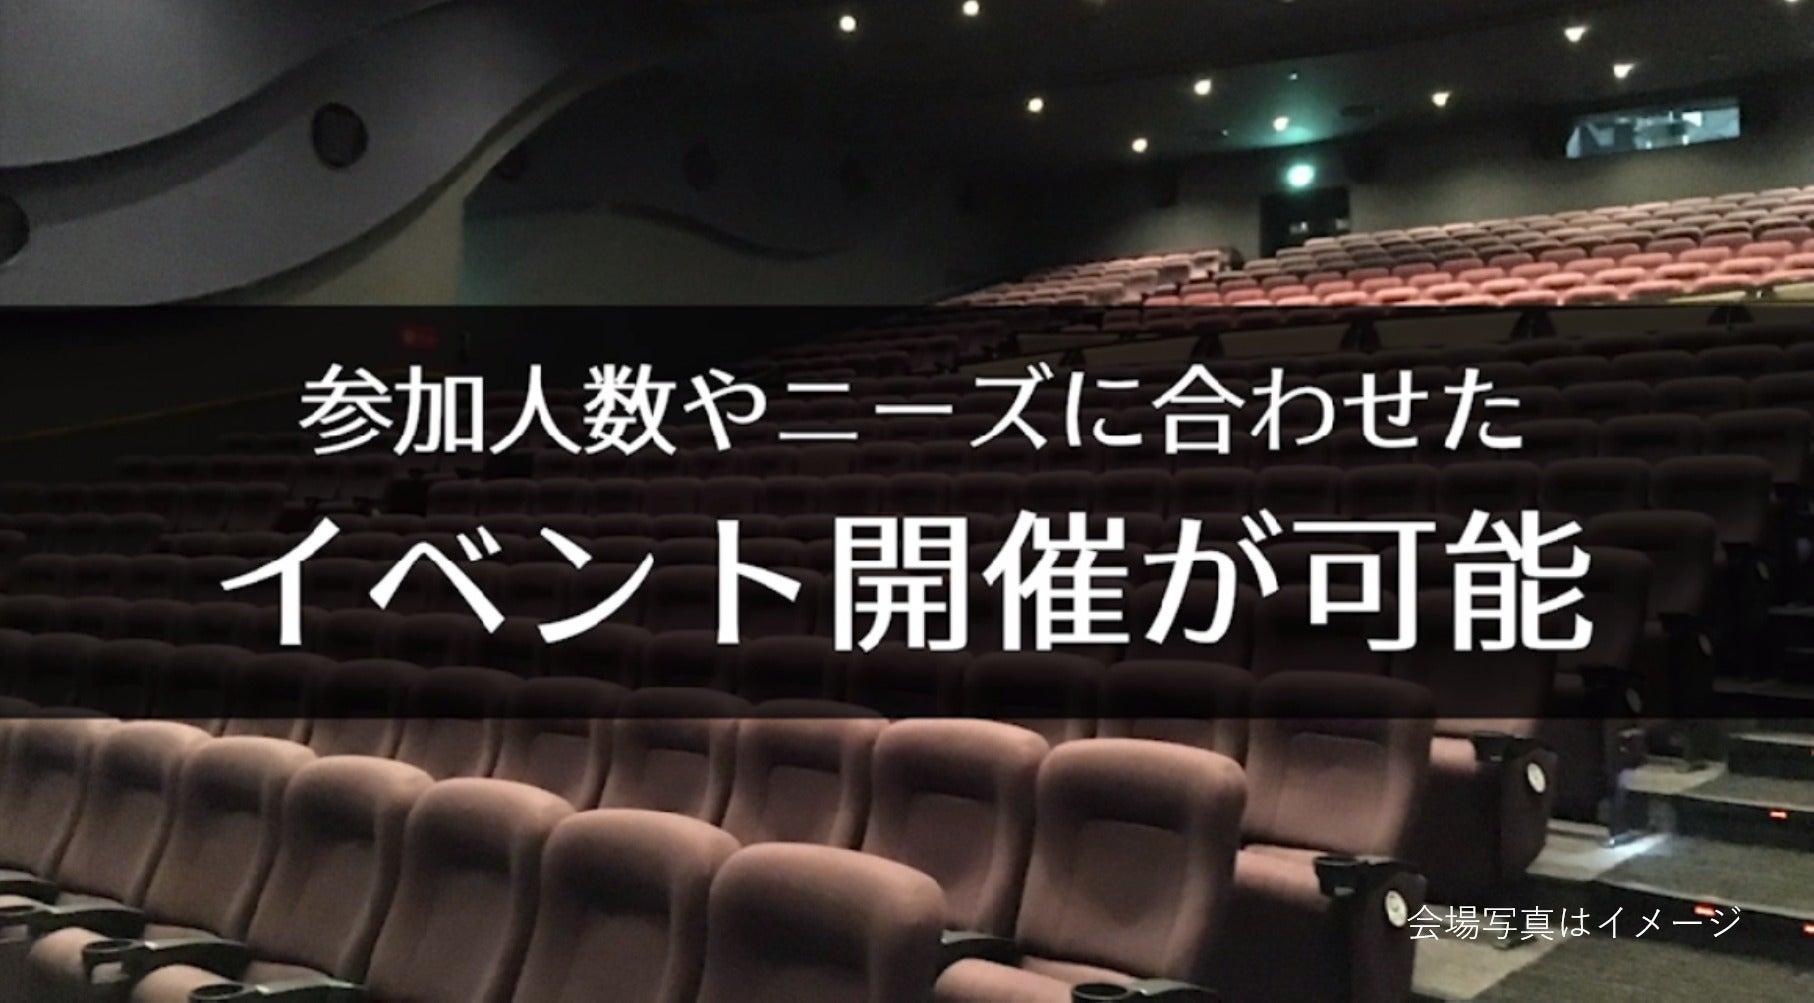 【豊橋 125席】映画館で、会社説明会、株主総会、講演会の企画はいかがですか(ユナイテッド・シネマ豊橋18) の写真0